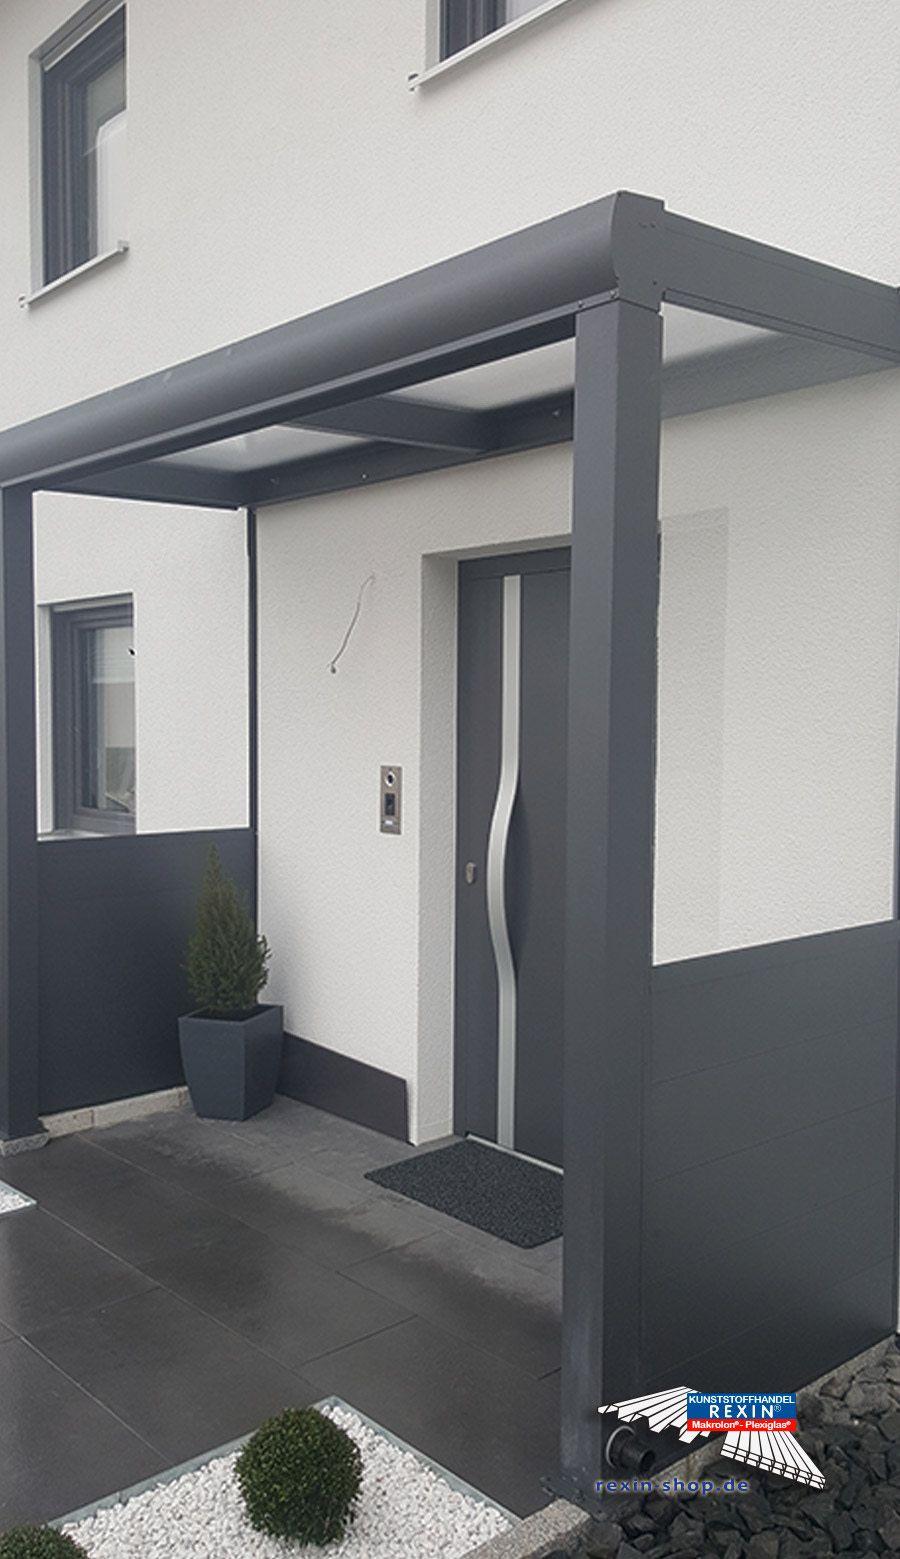 Ein Alu Hausturvordach Der Marke Rexovita Vsg 3m X 1m In Anthrazit Mit Seitenwand Board Plexi Dieses Alu Haustur Vordach Haus Hausturvordach Fachwerkhauser